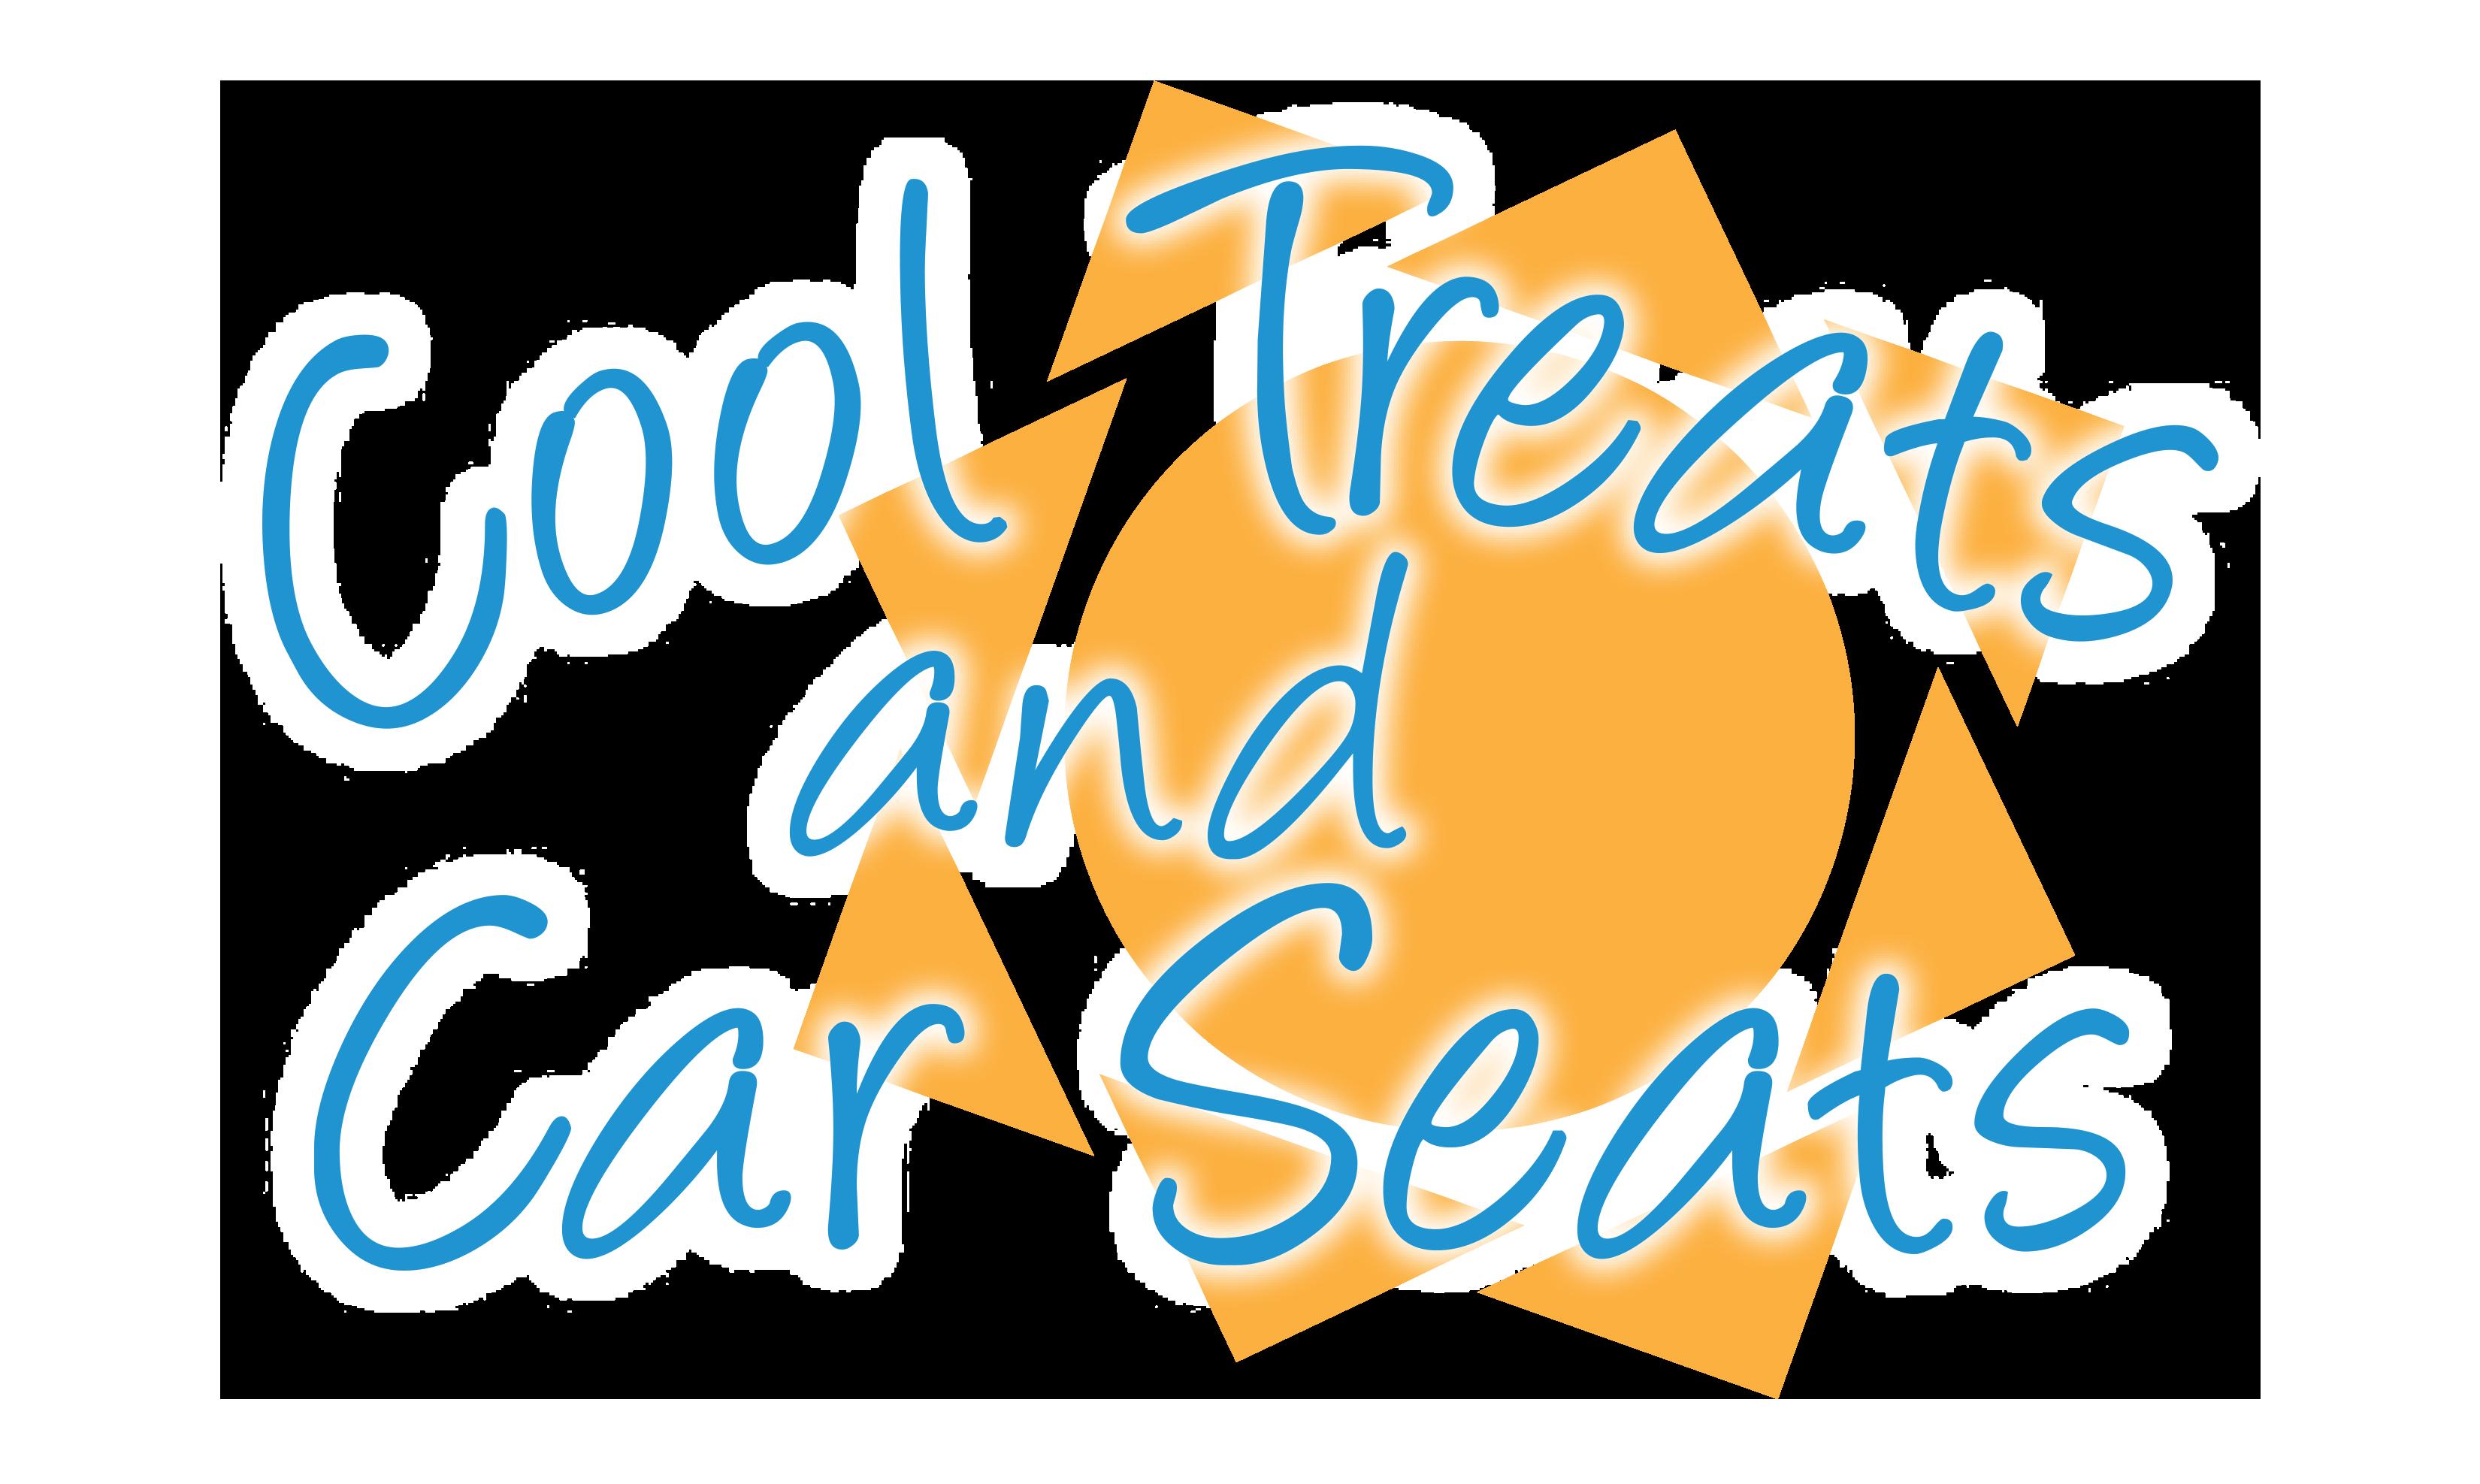 Cool Treats & Car Seats Registration